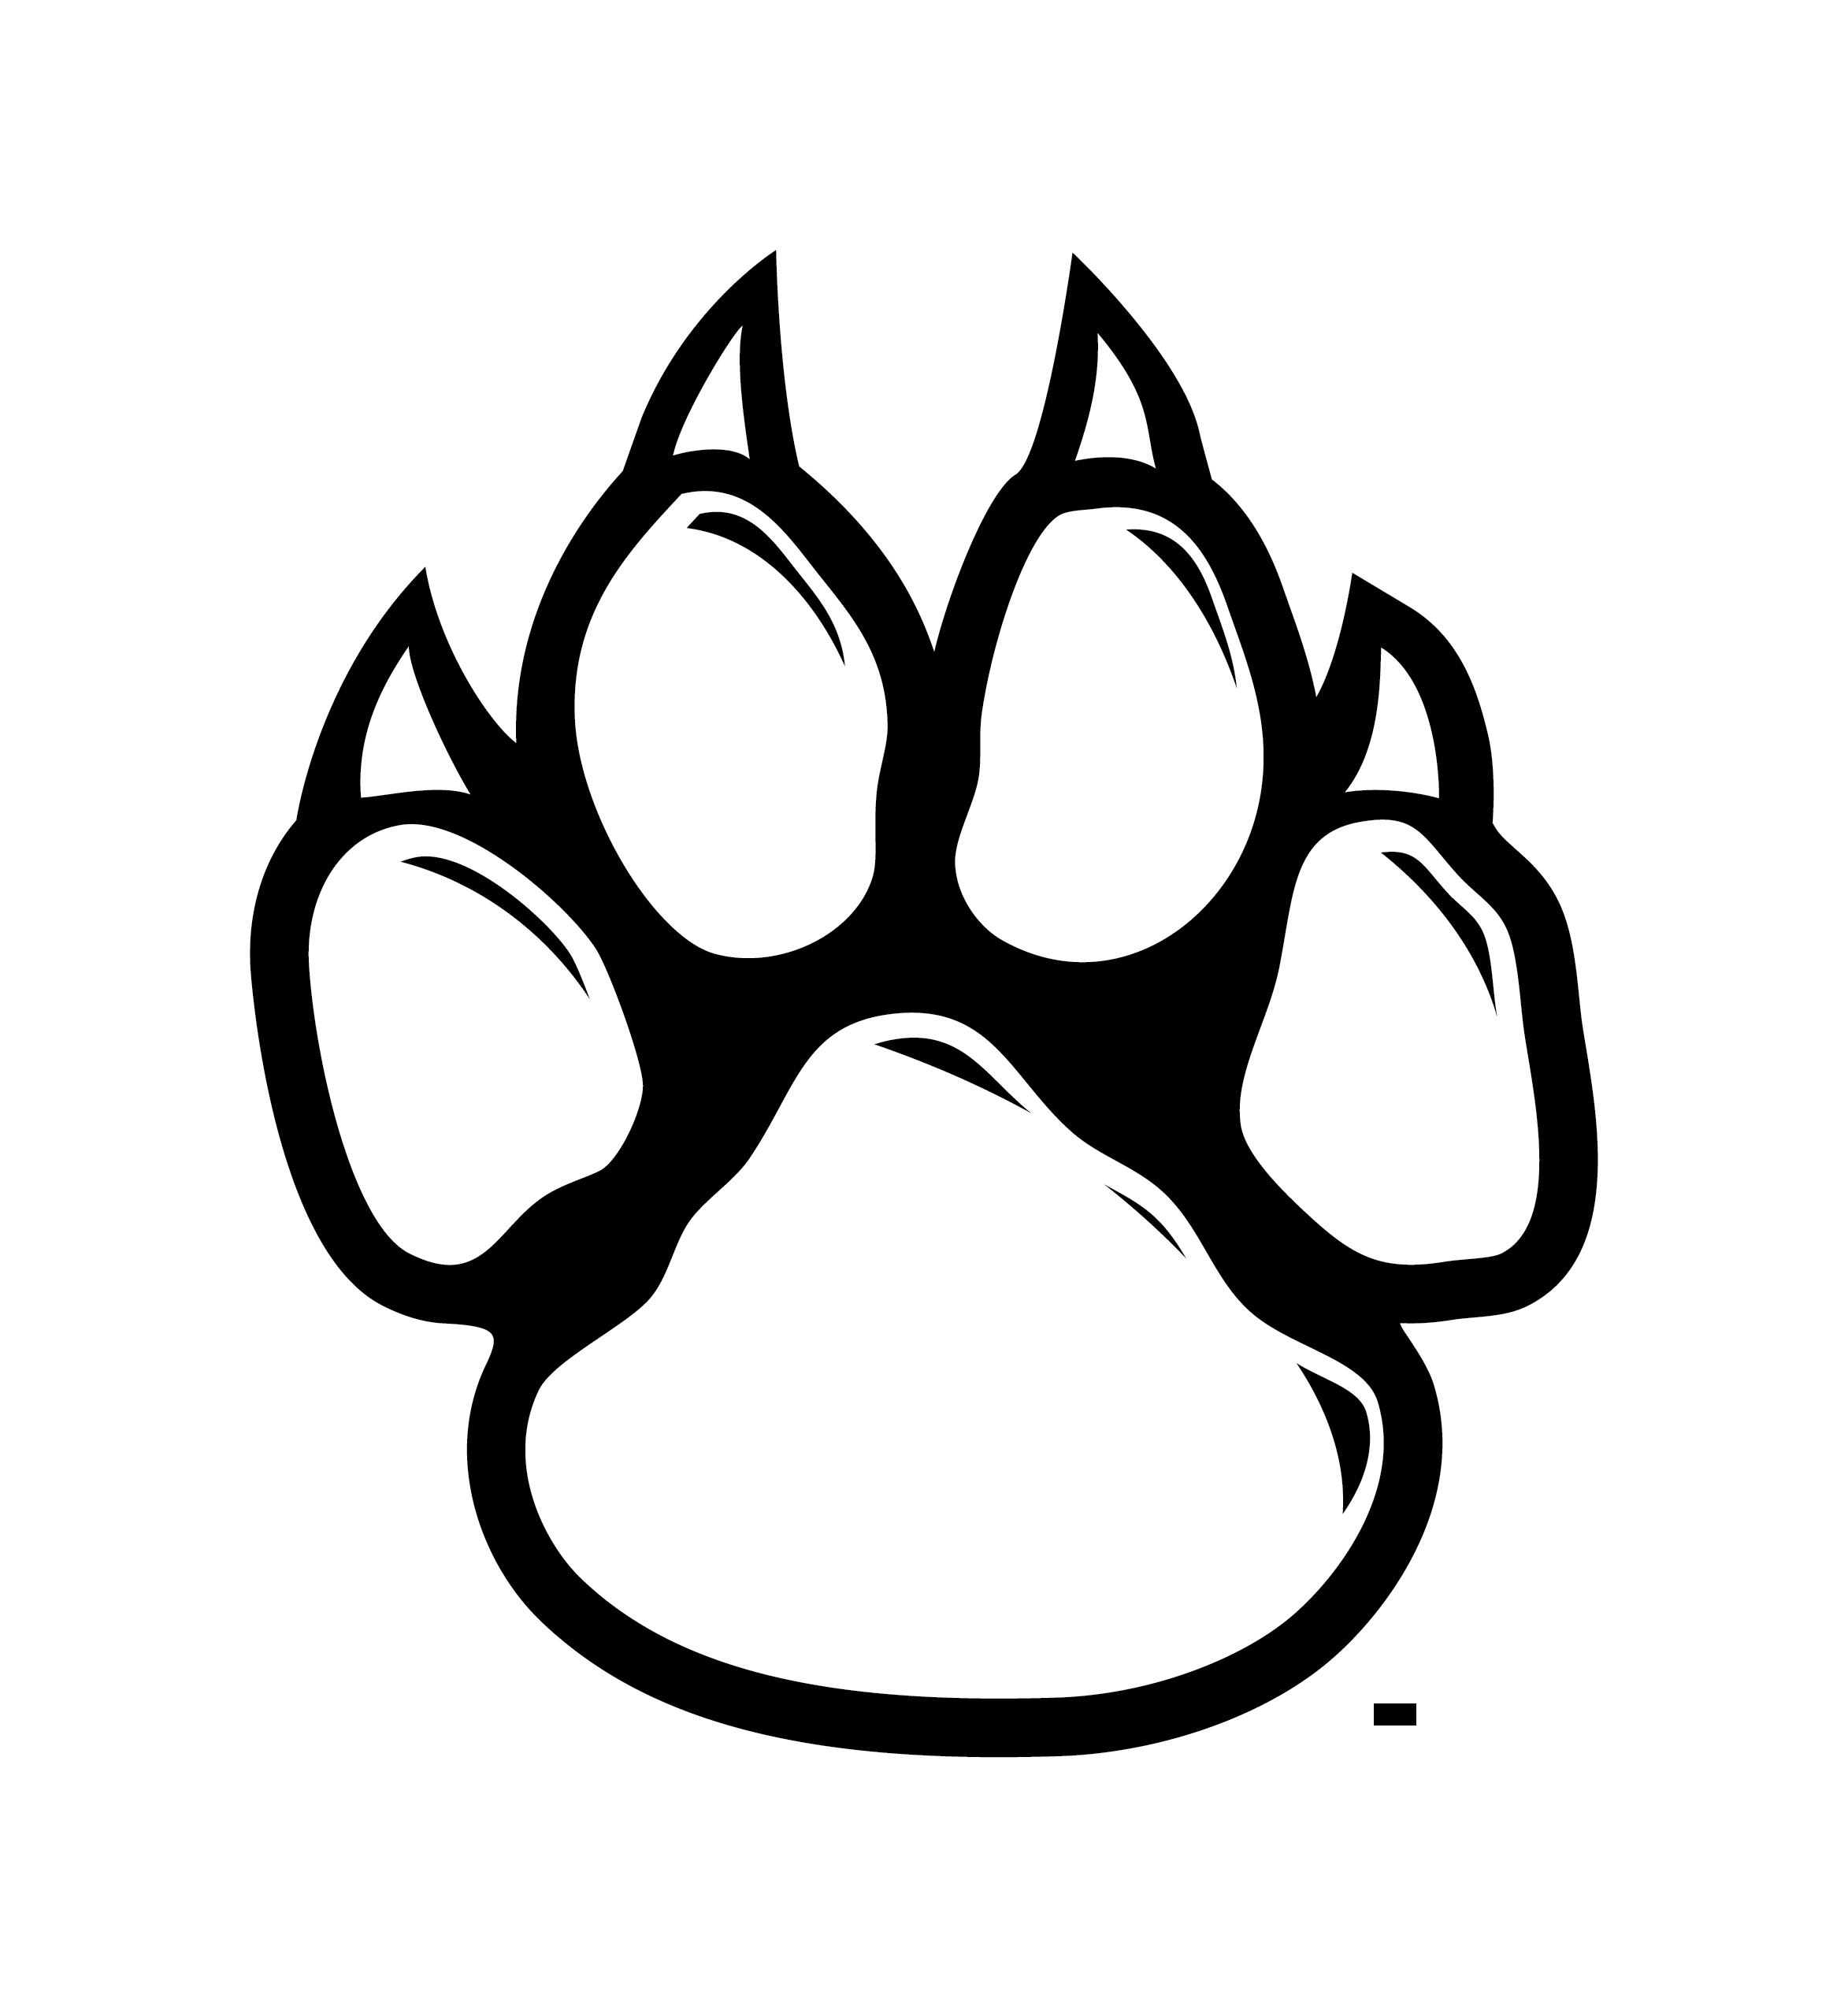 arizona wildcat pawprint black and white.